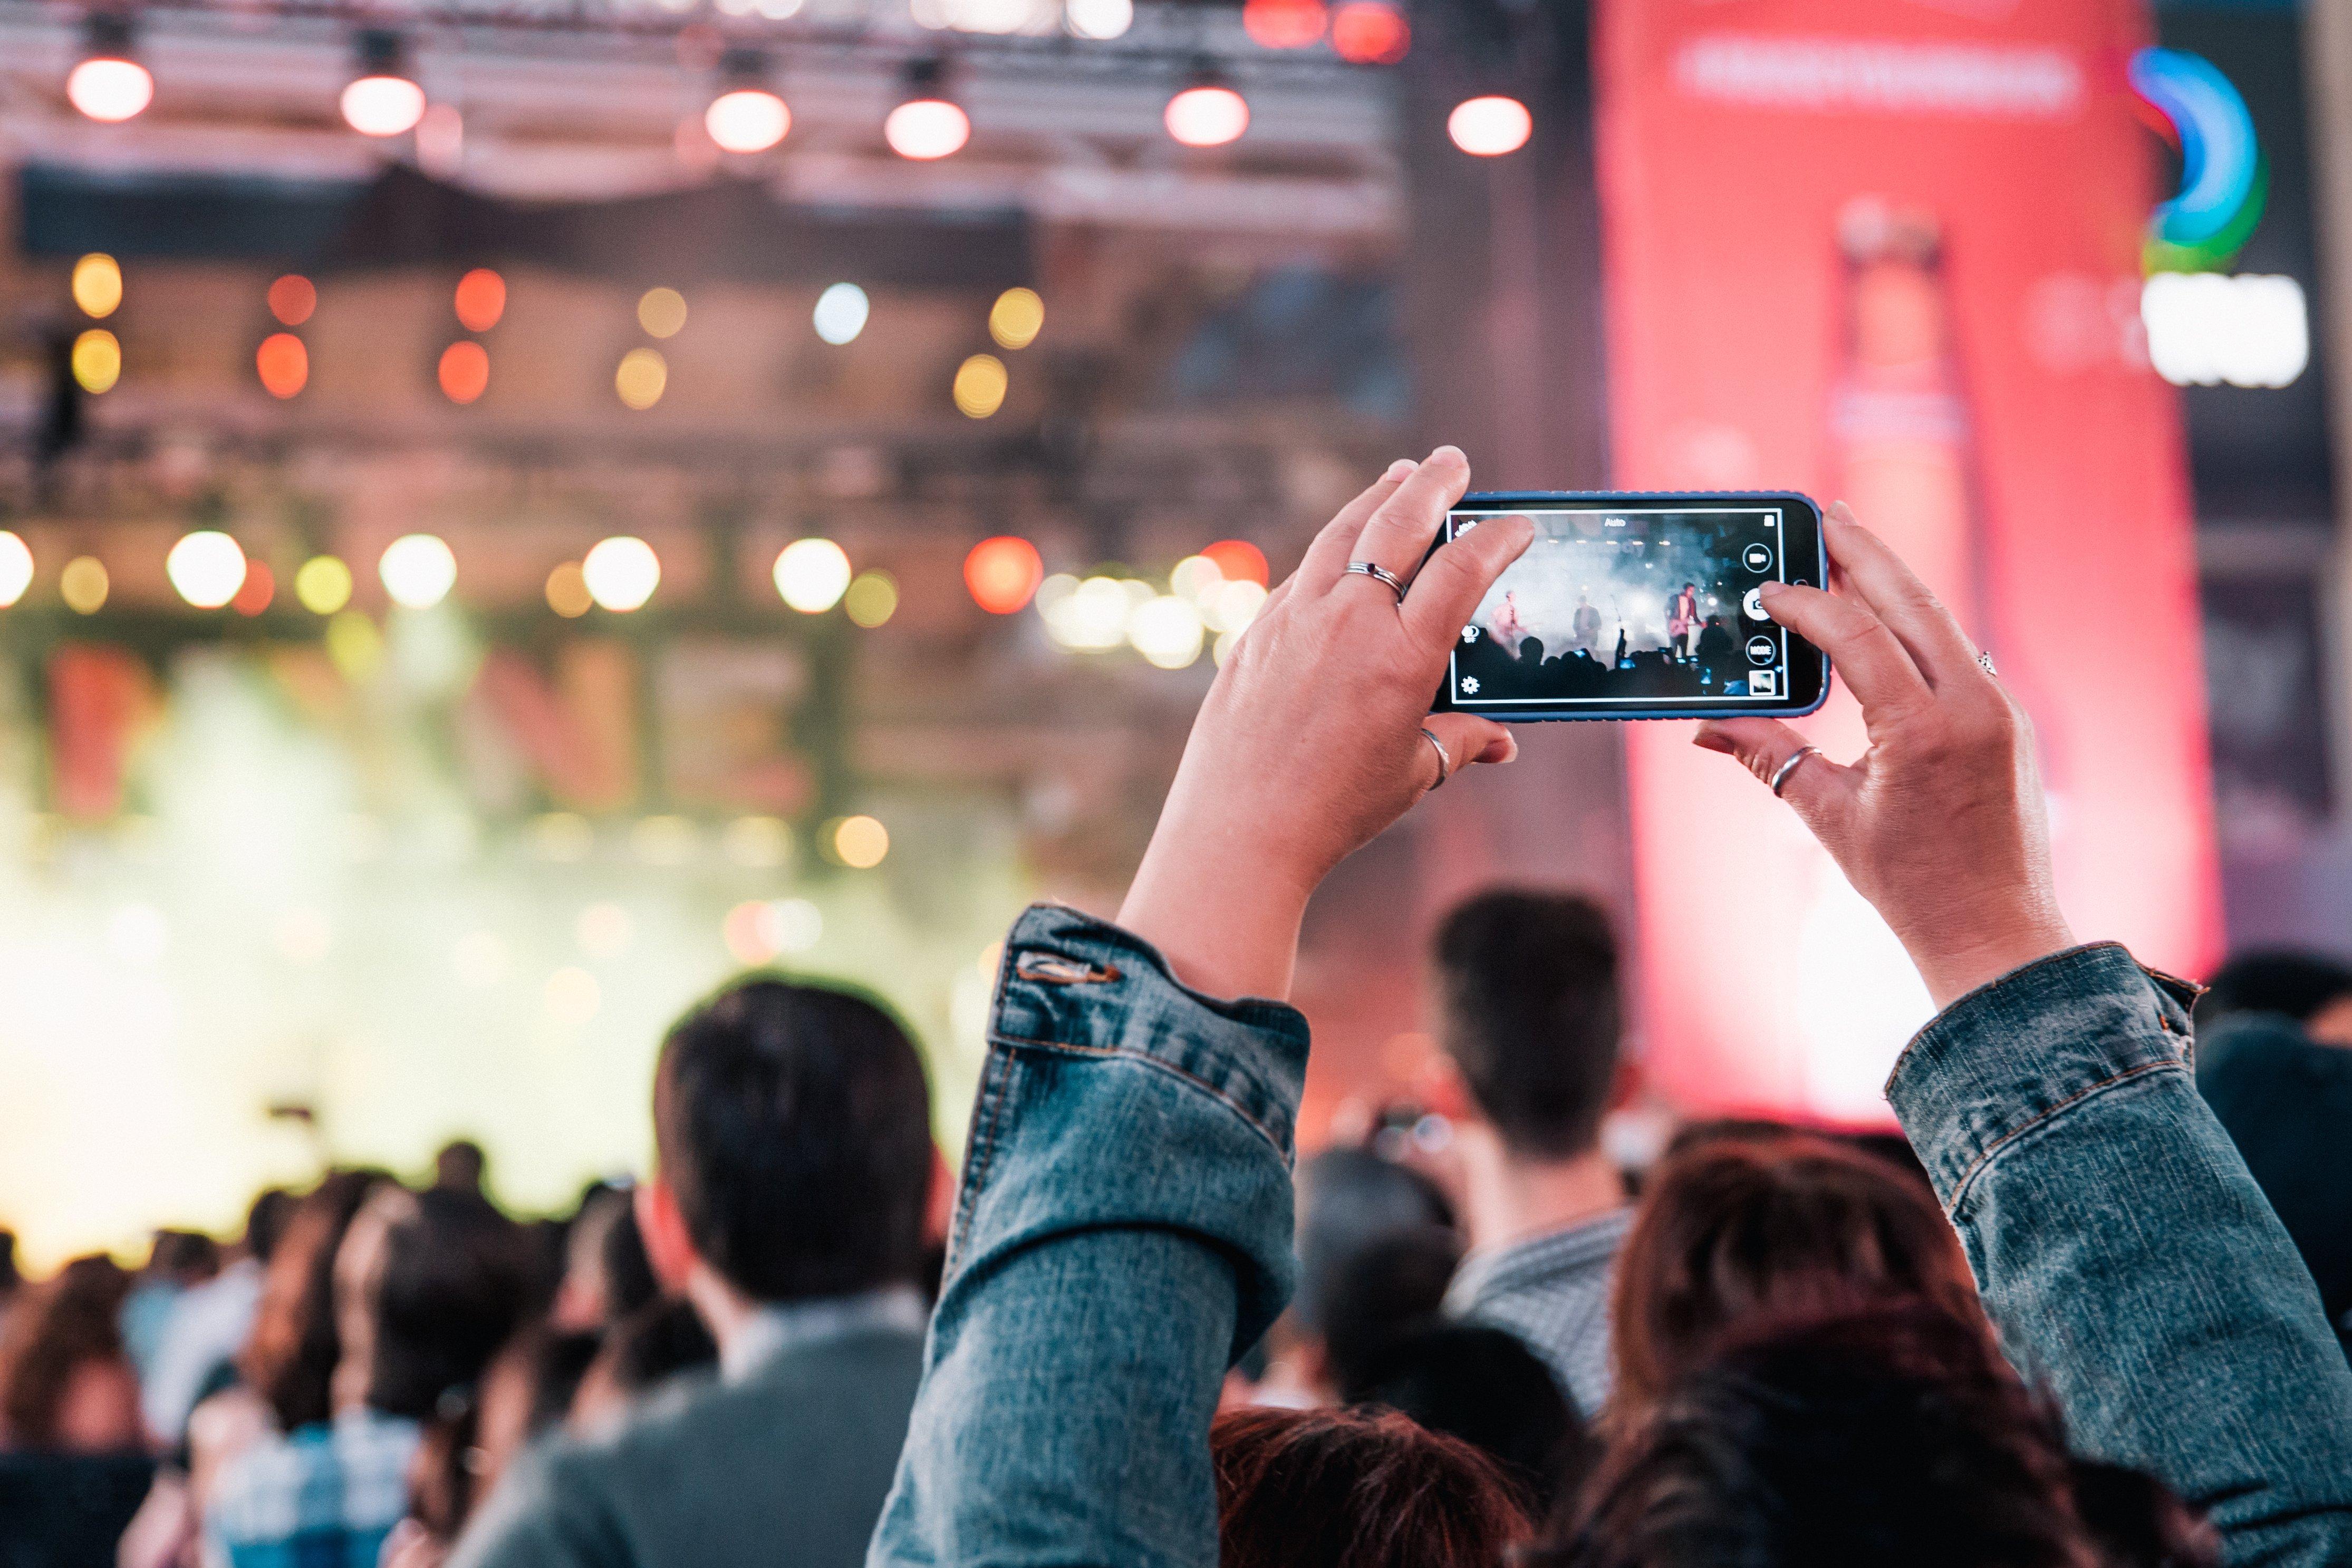 rock-concert-crowd.jpg